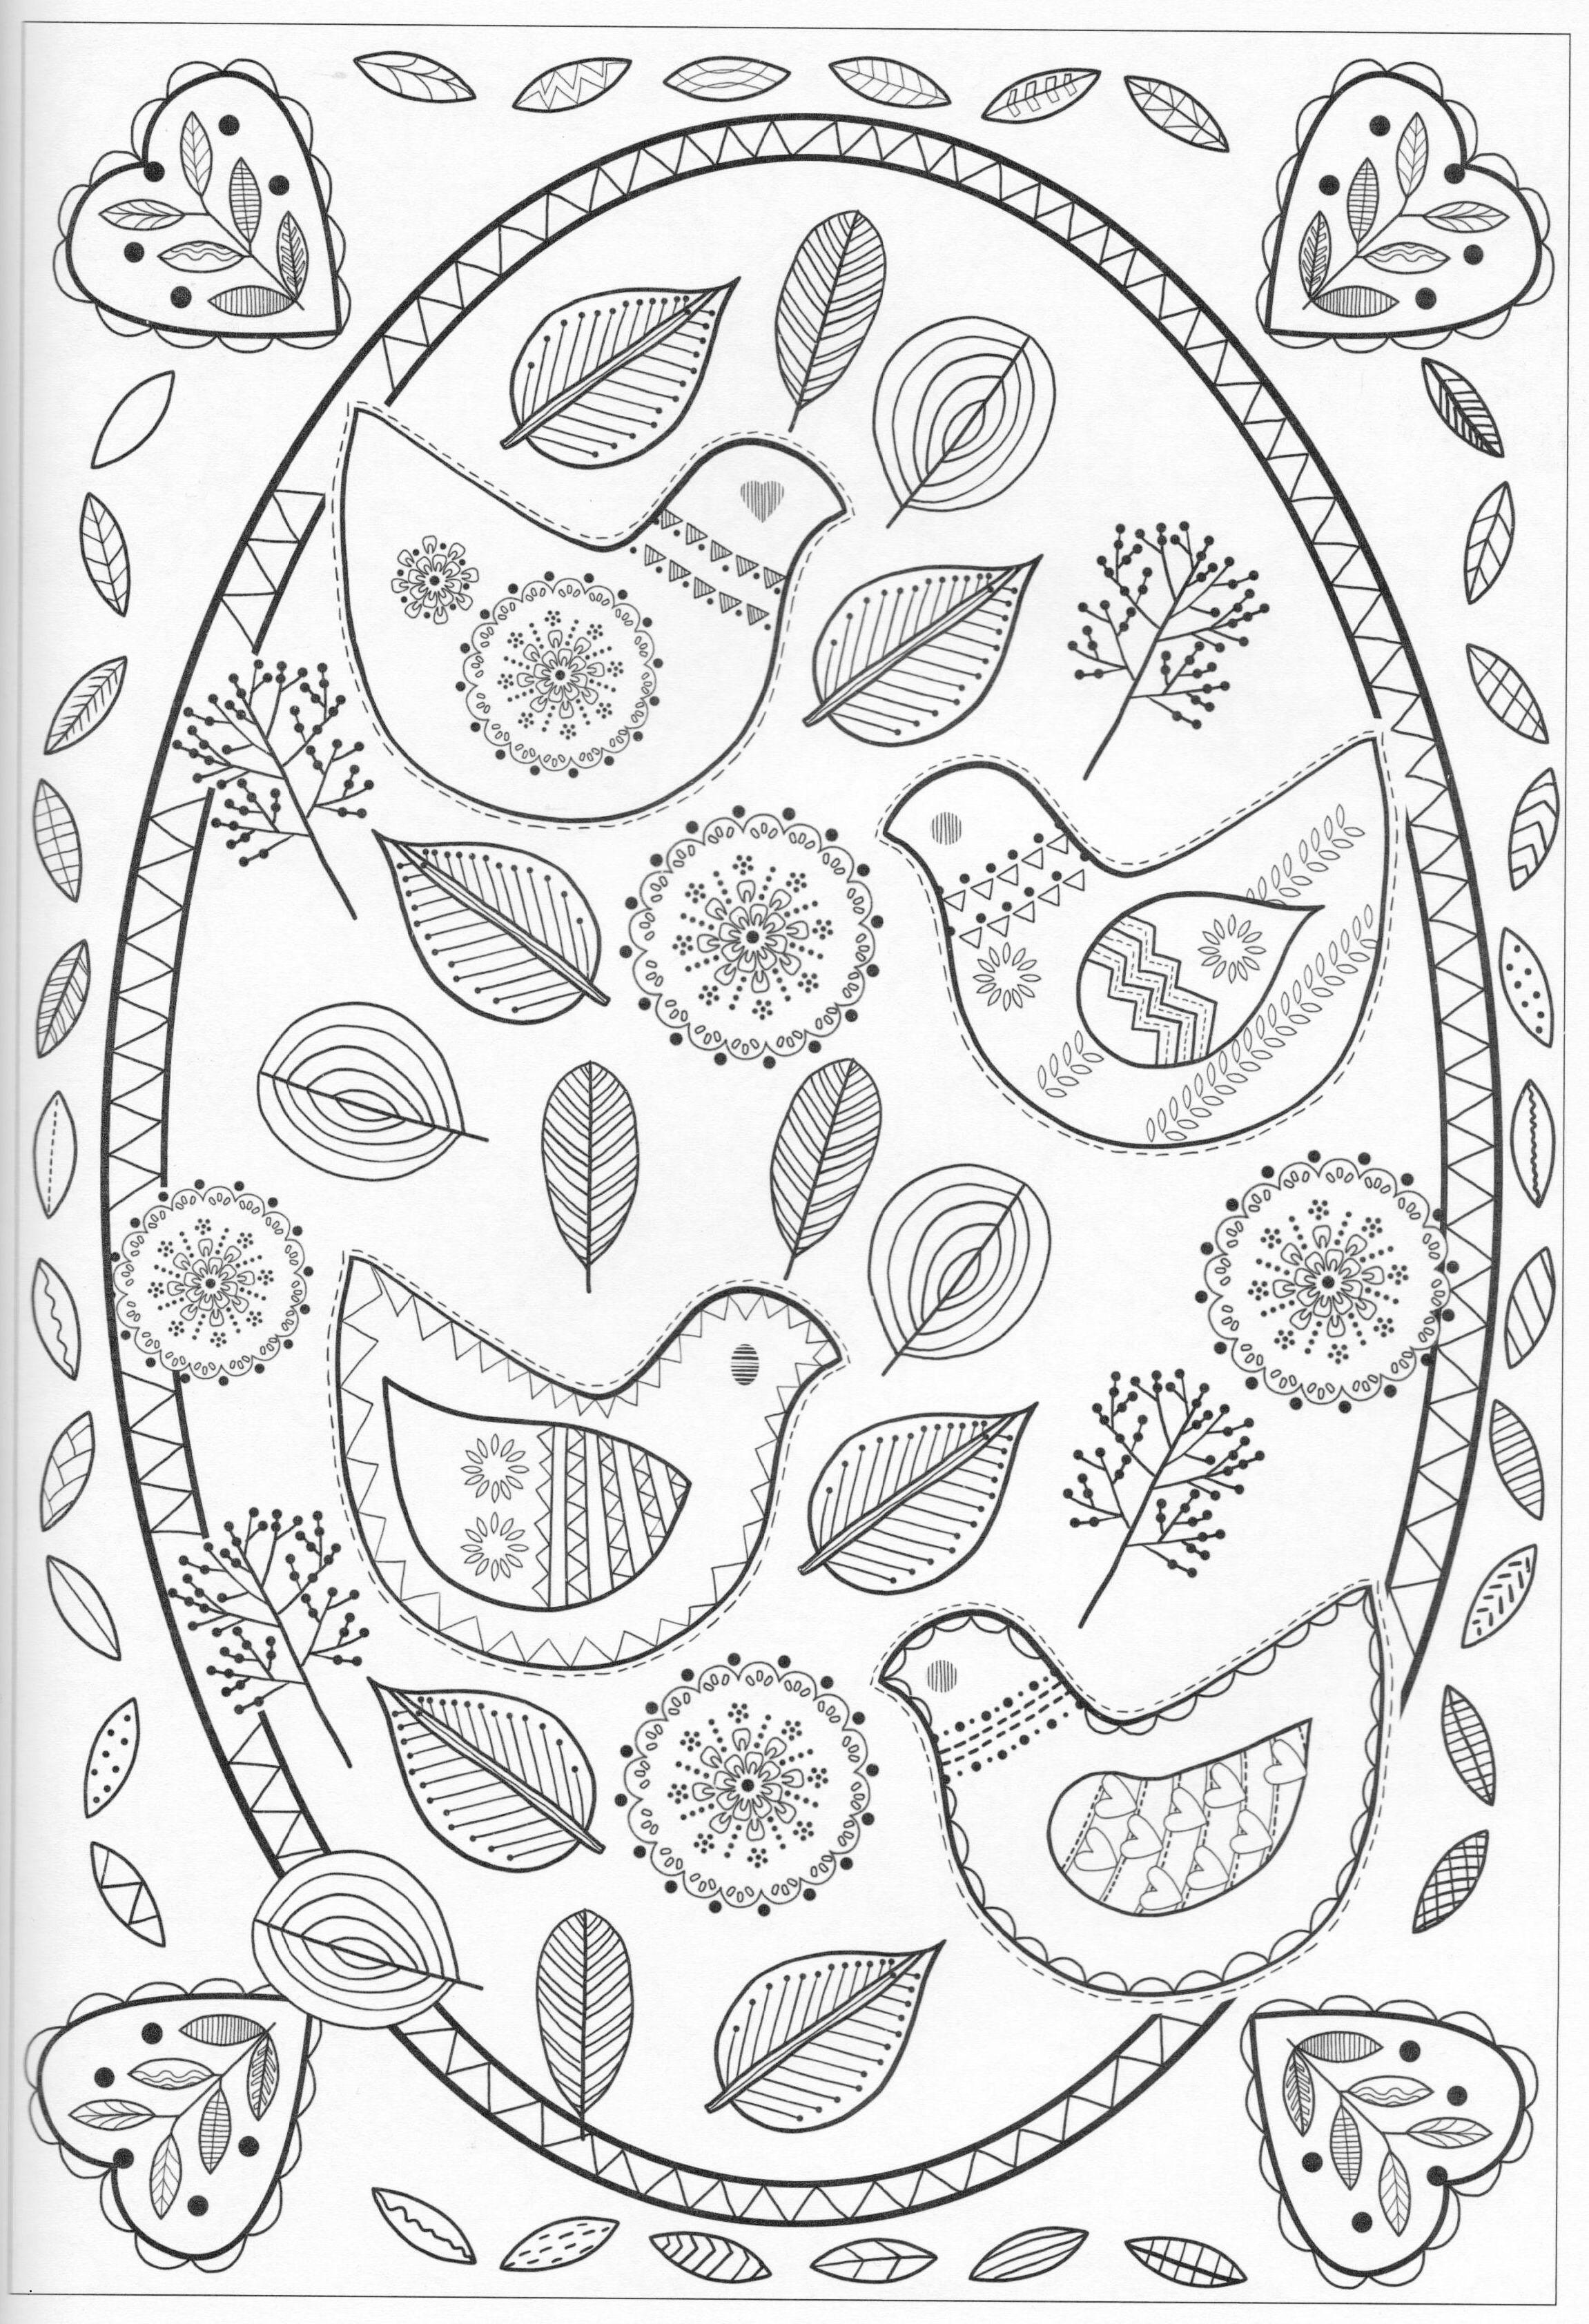 Mandala Herbst Zum Ausdrucken Einzigartig 40 Entwurf Ausmalbilder Mandala Herbst Treehouse Nyc Bild